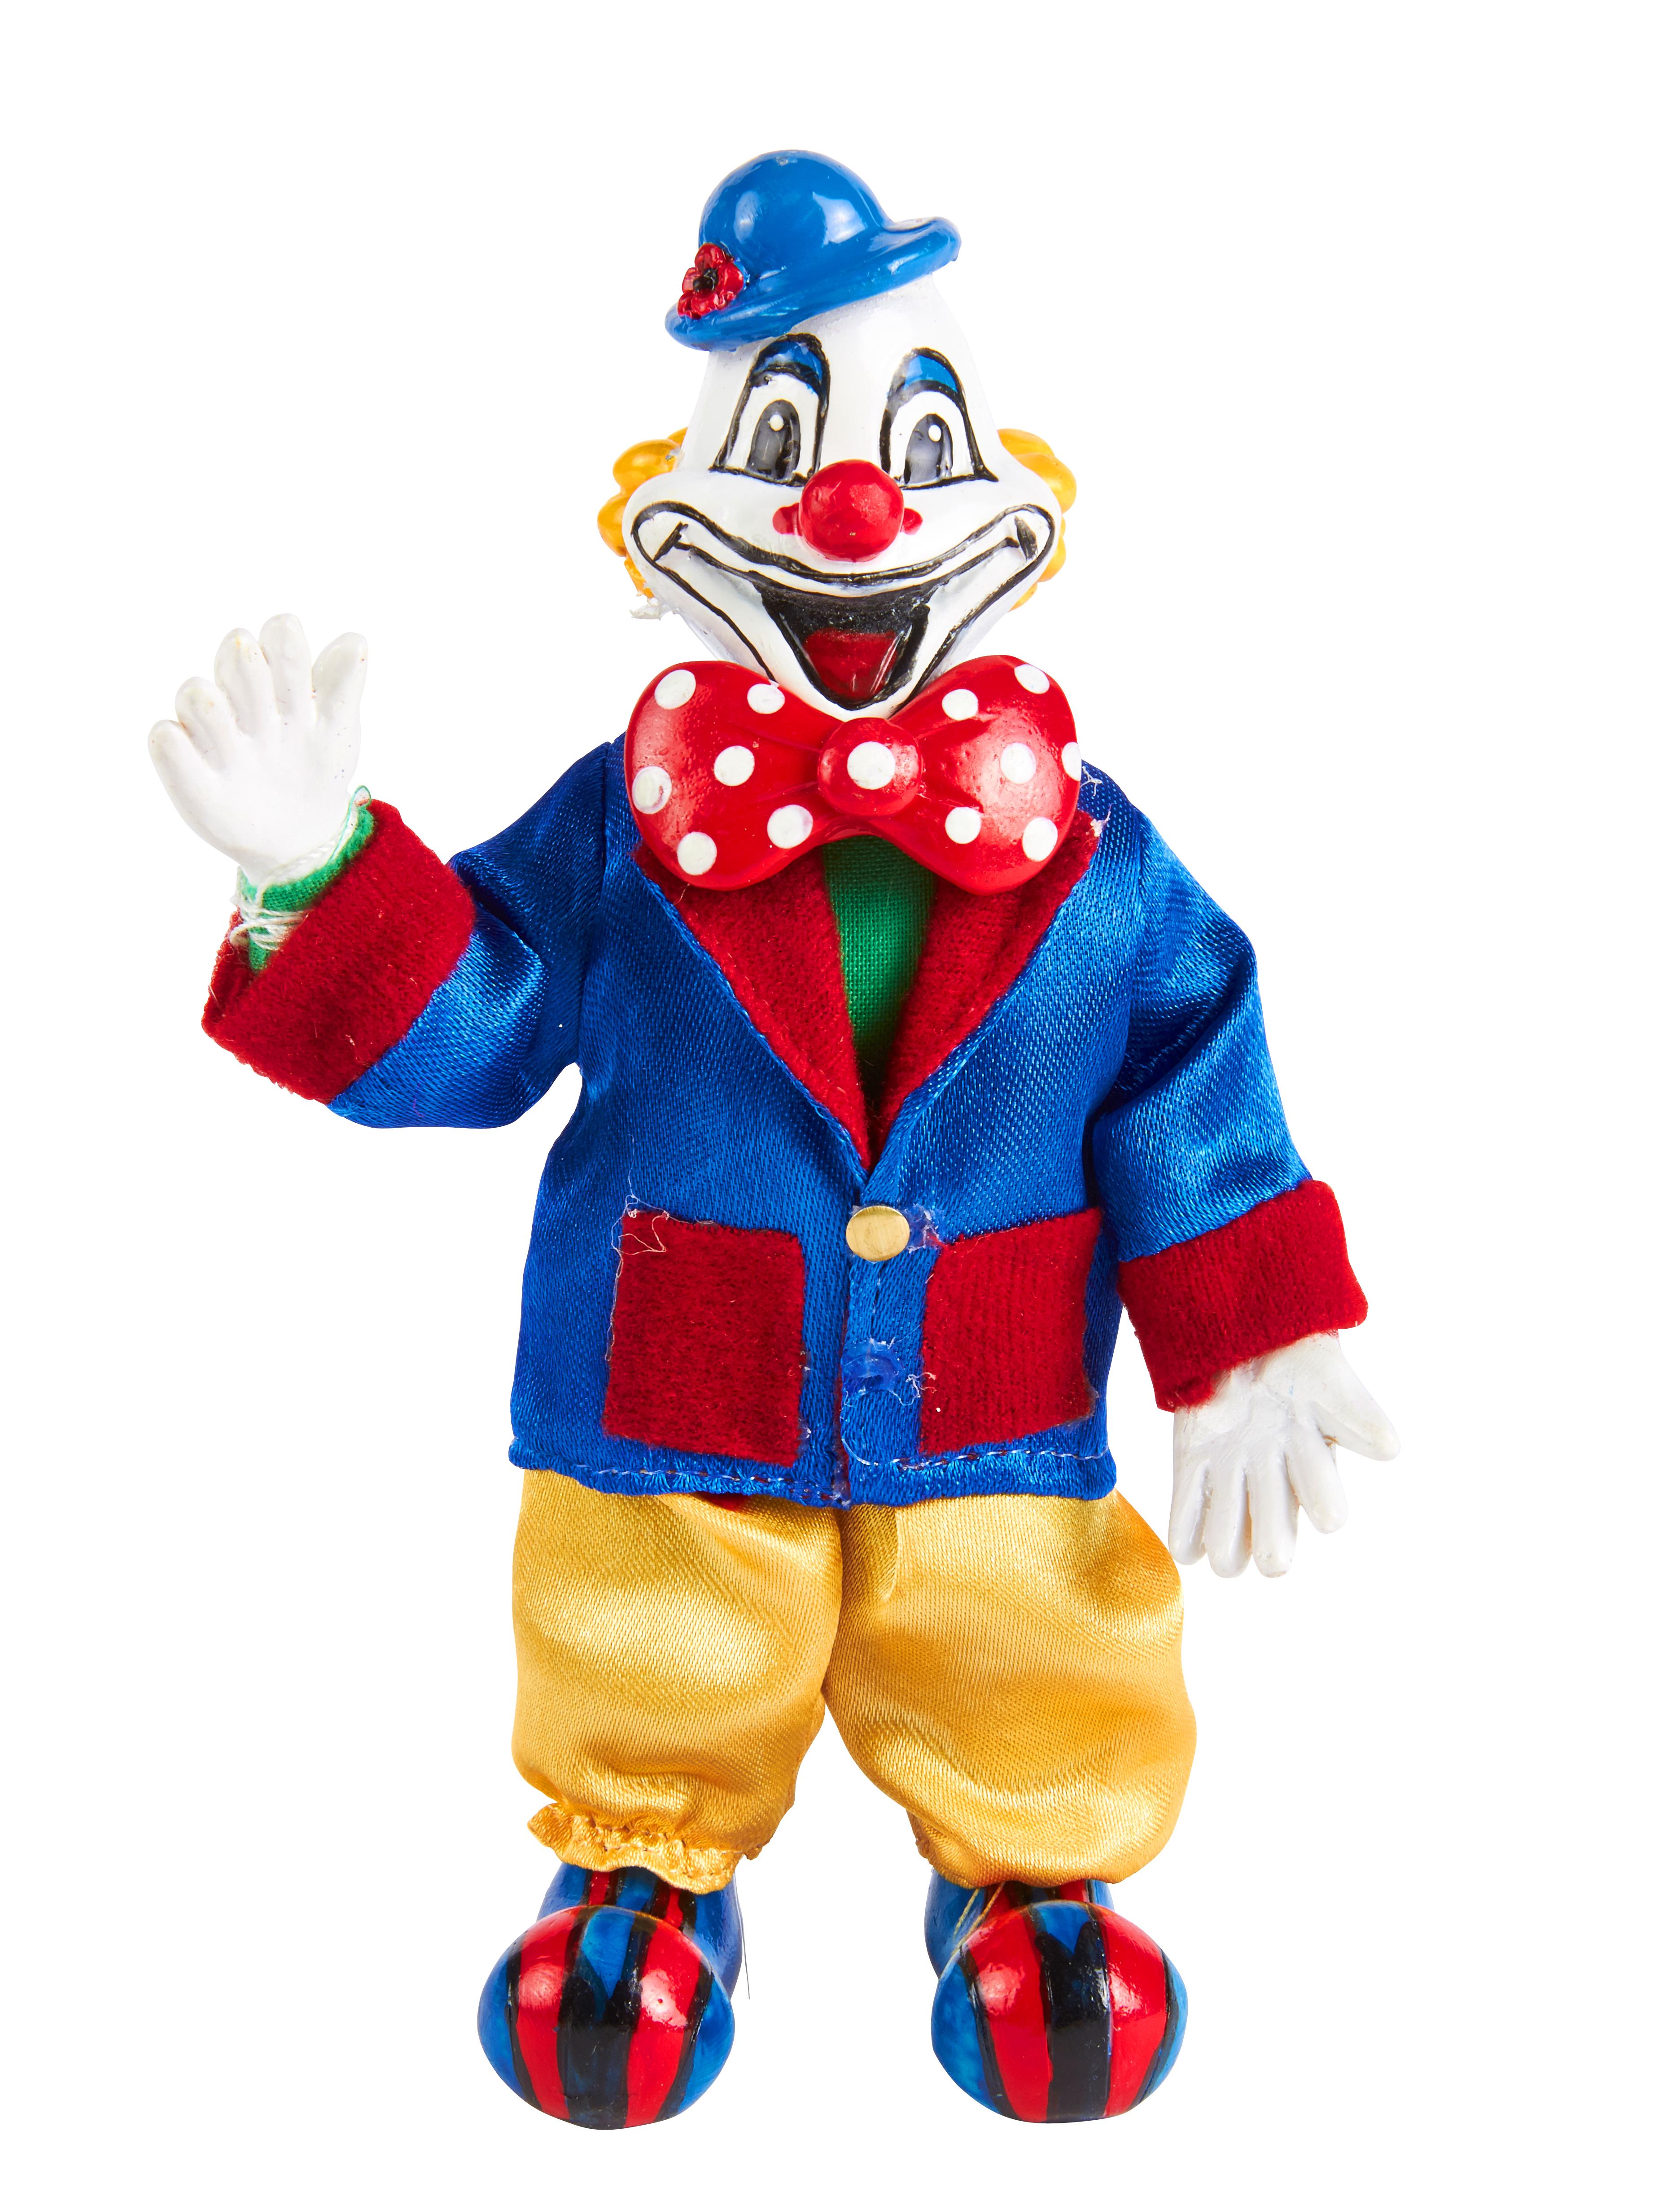 Kostuemzubehor Deiters Clown 10cm Farbe: multicolor bzw. bunt